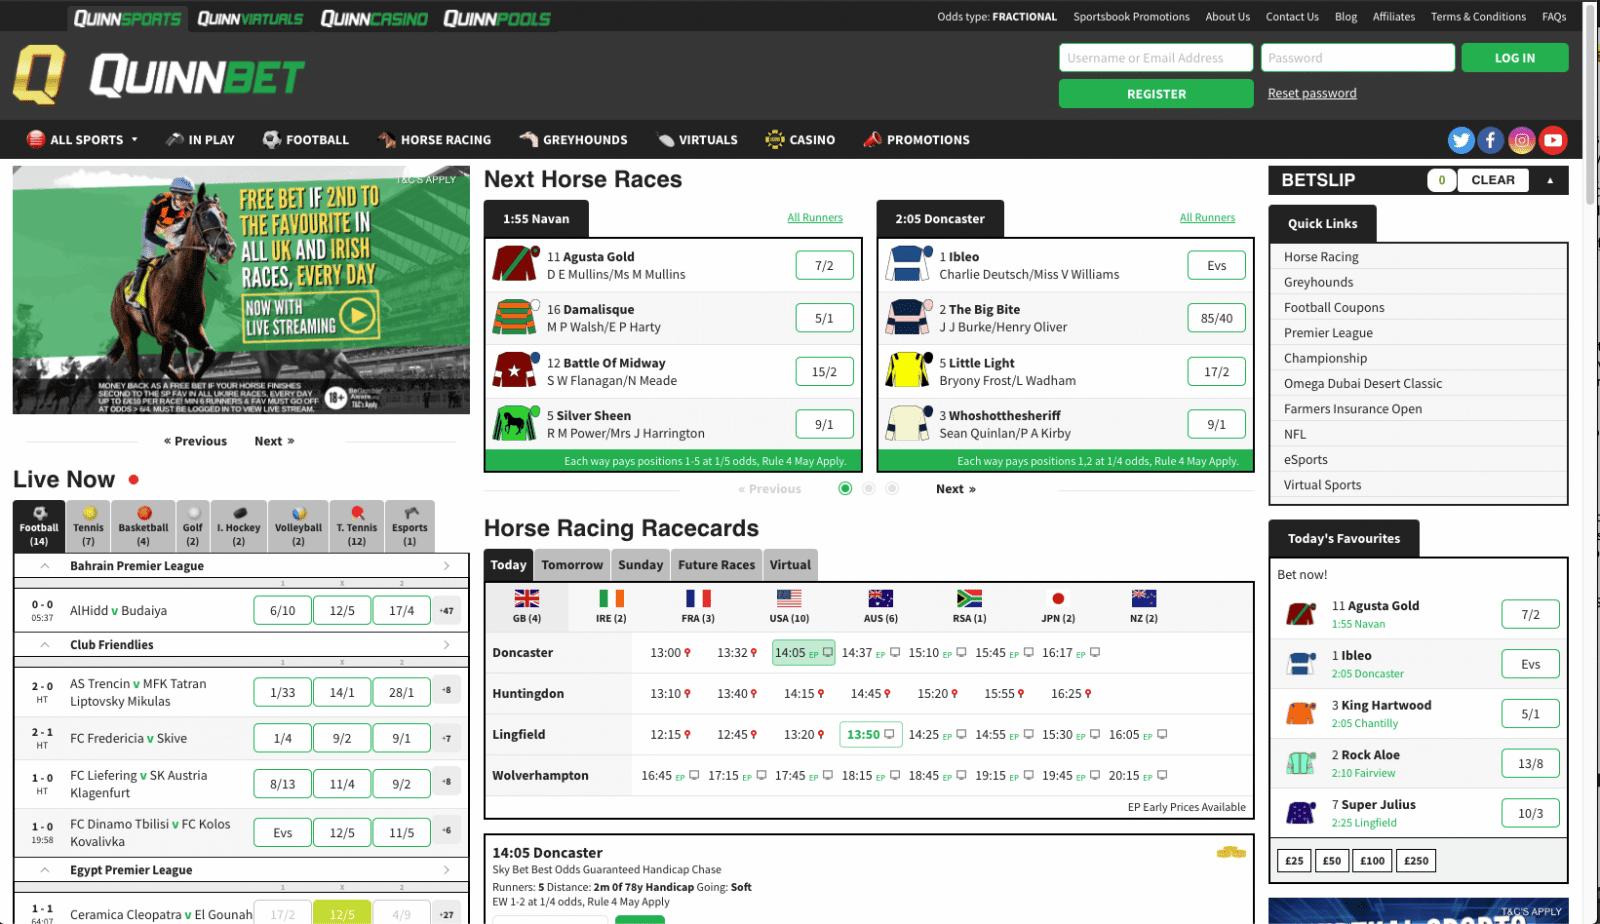 betting sites - QuinnBet